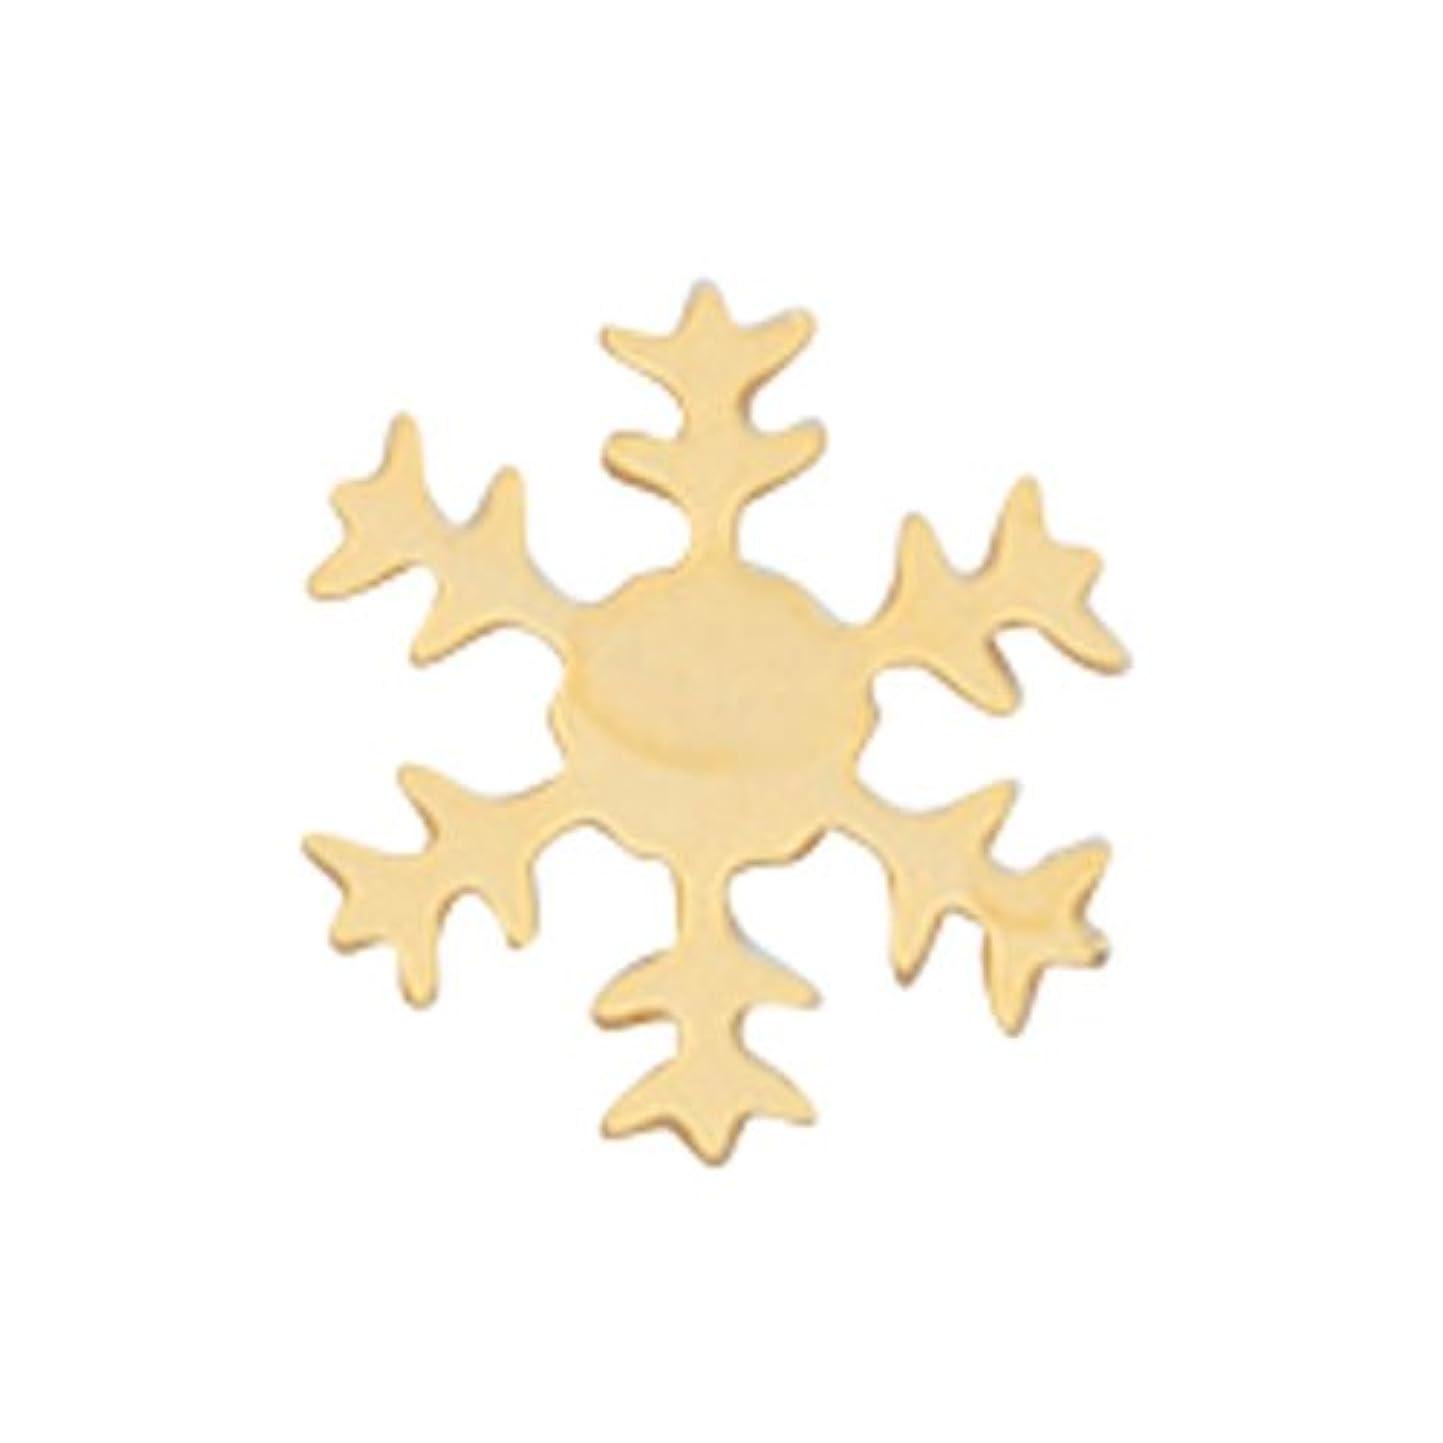 漏斗バランスのとれた面白いリトルプリティー ネイルアートパーツ スノーフレーク SS ゴールド 10個